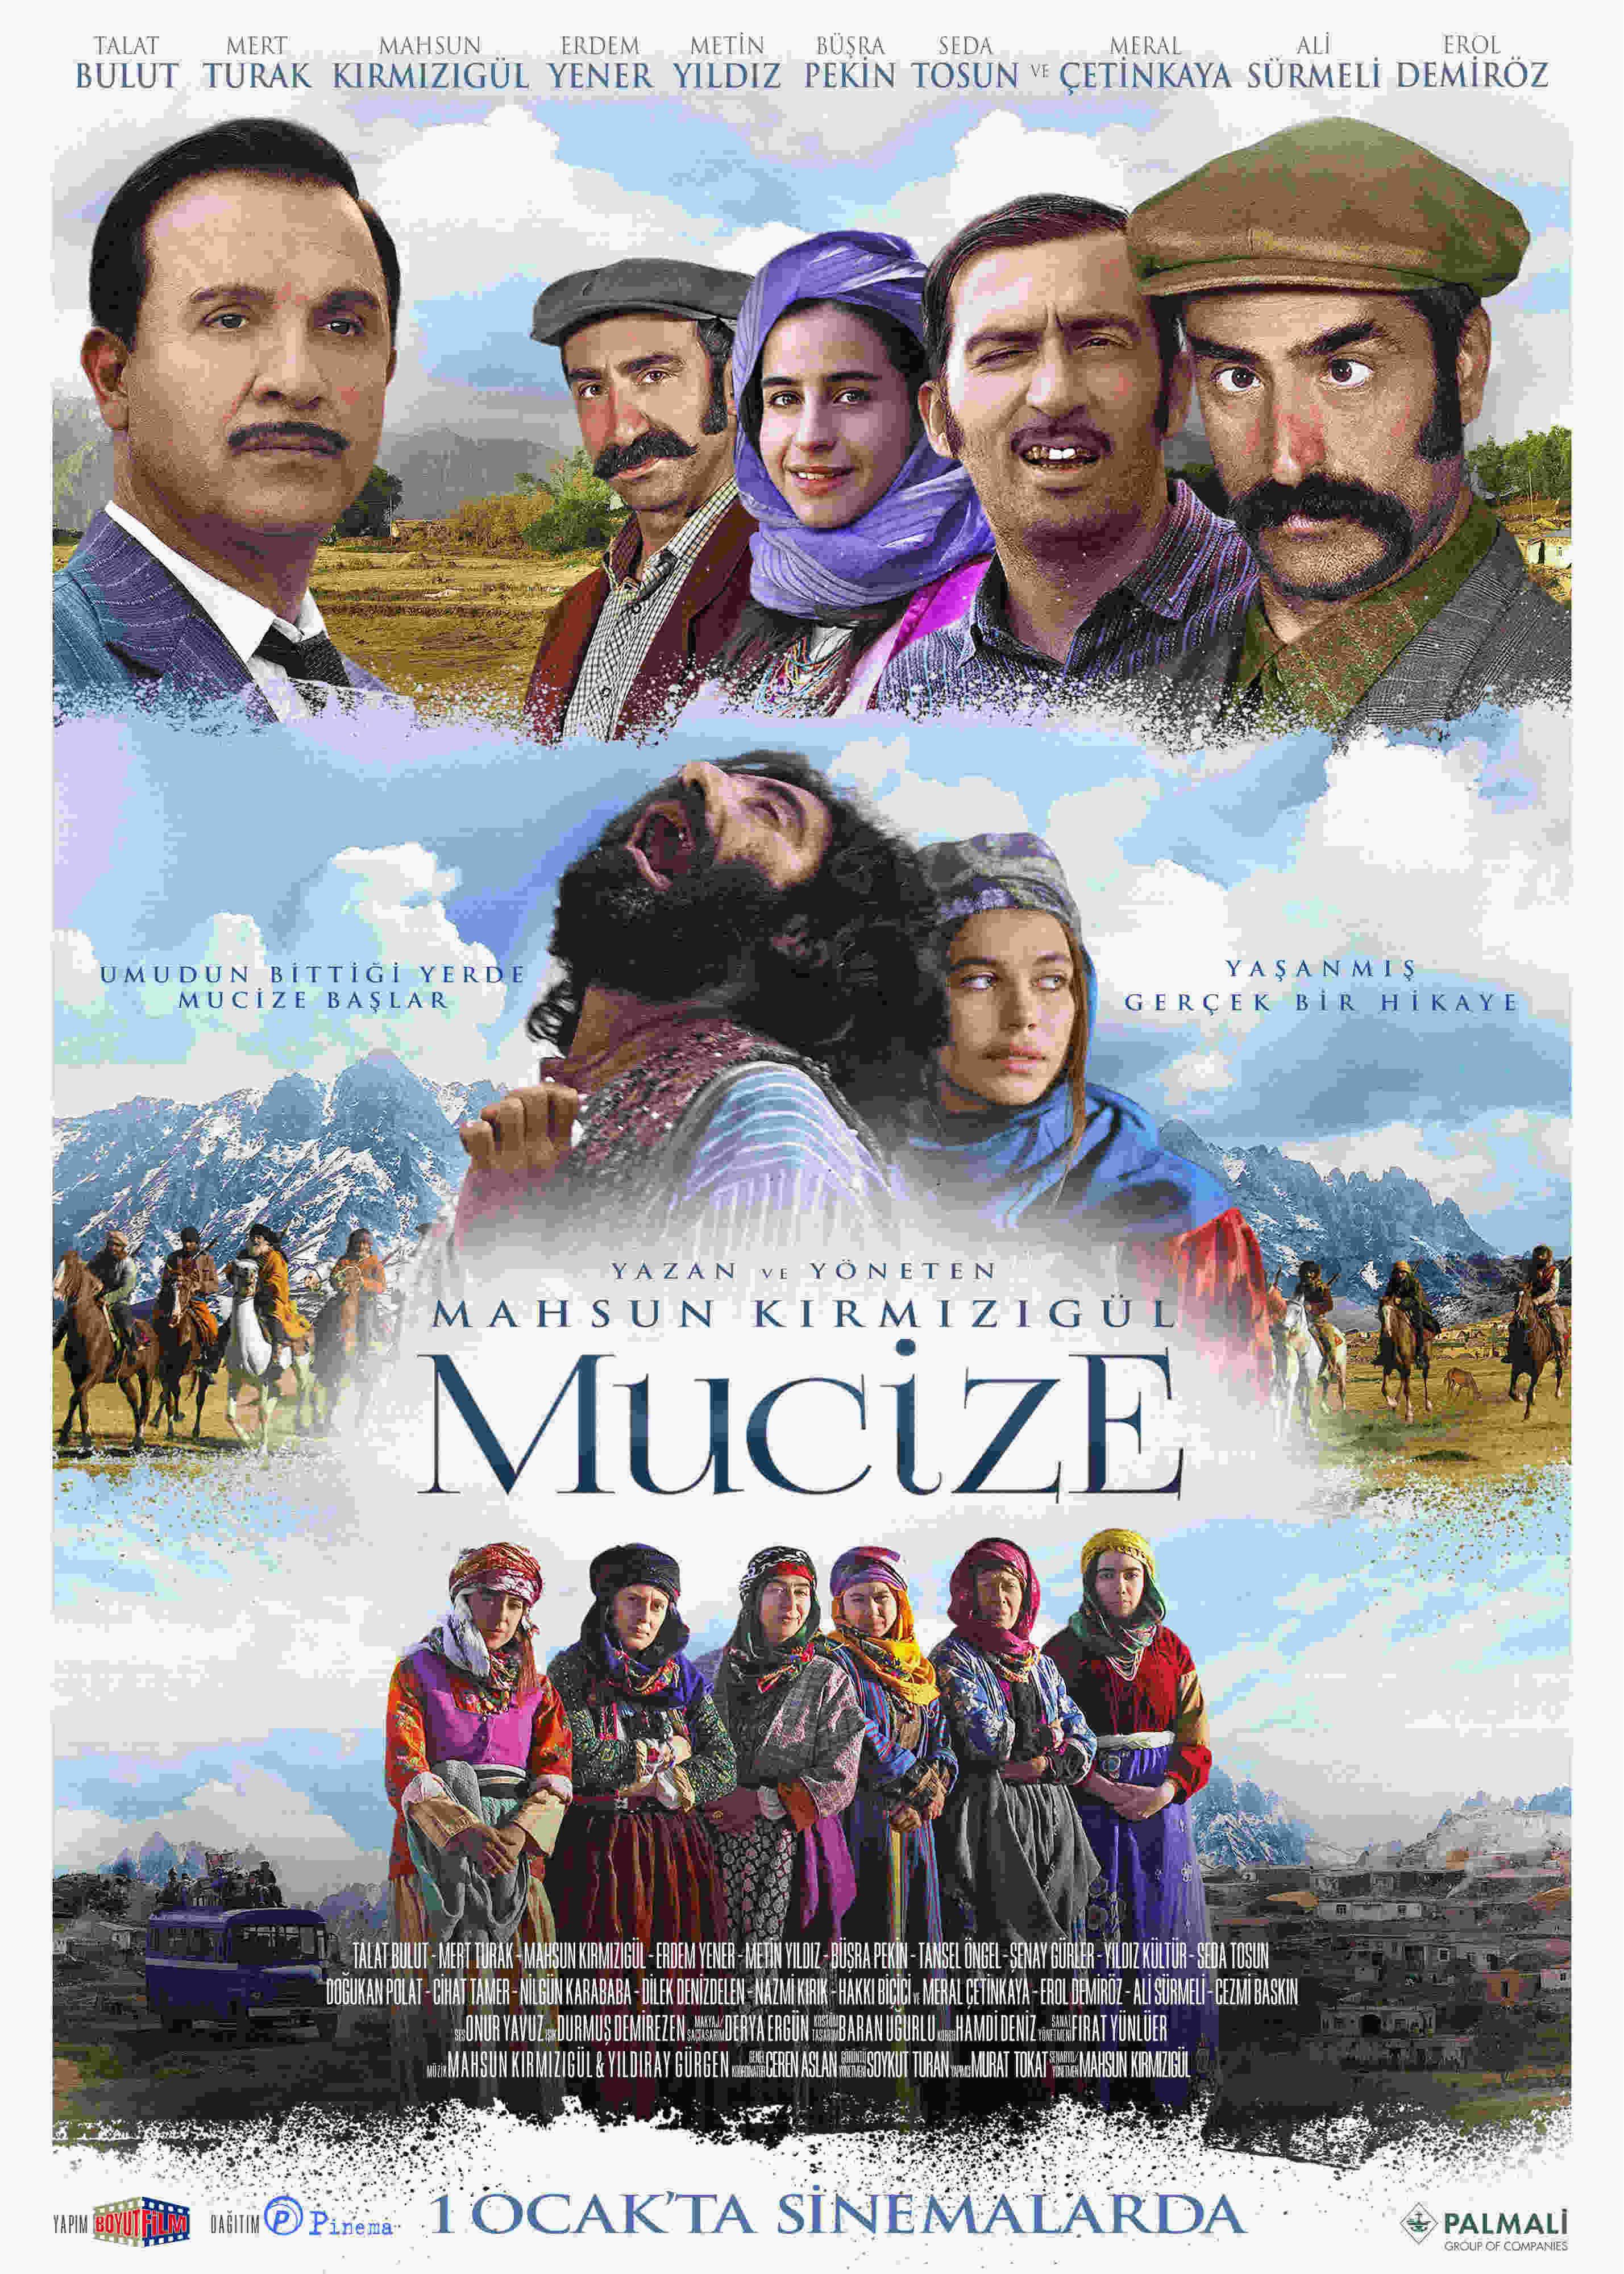 MUCİZE İZLE FULL HD (2015) MAHSUN KIRMIZIGÜL